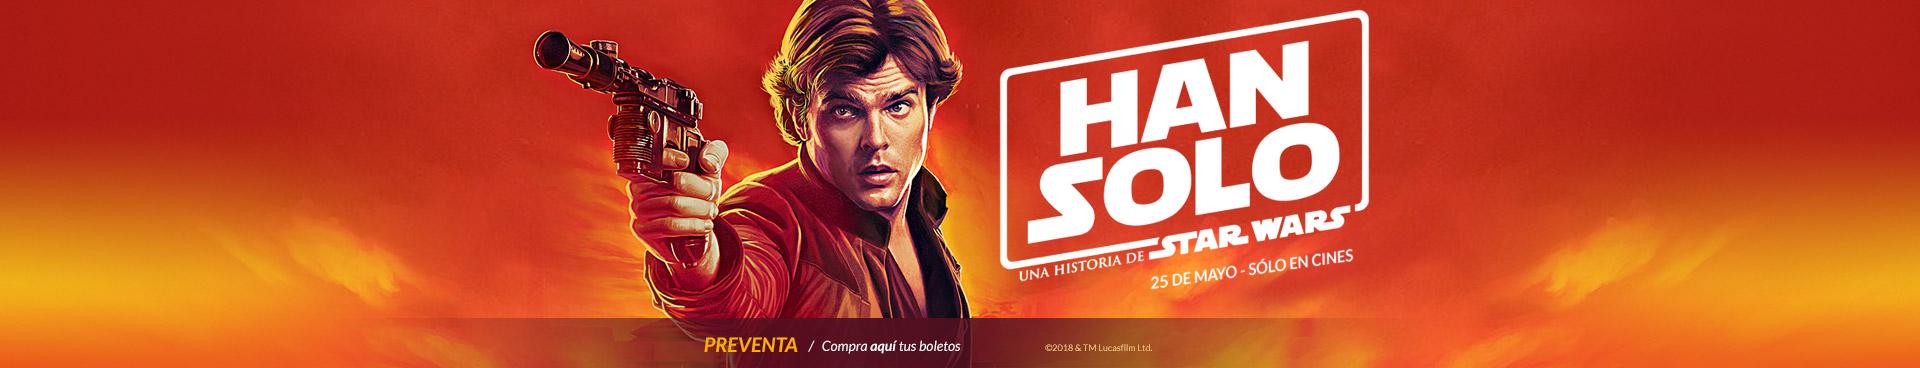 Preventa Han Solo